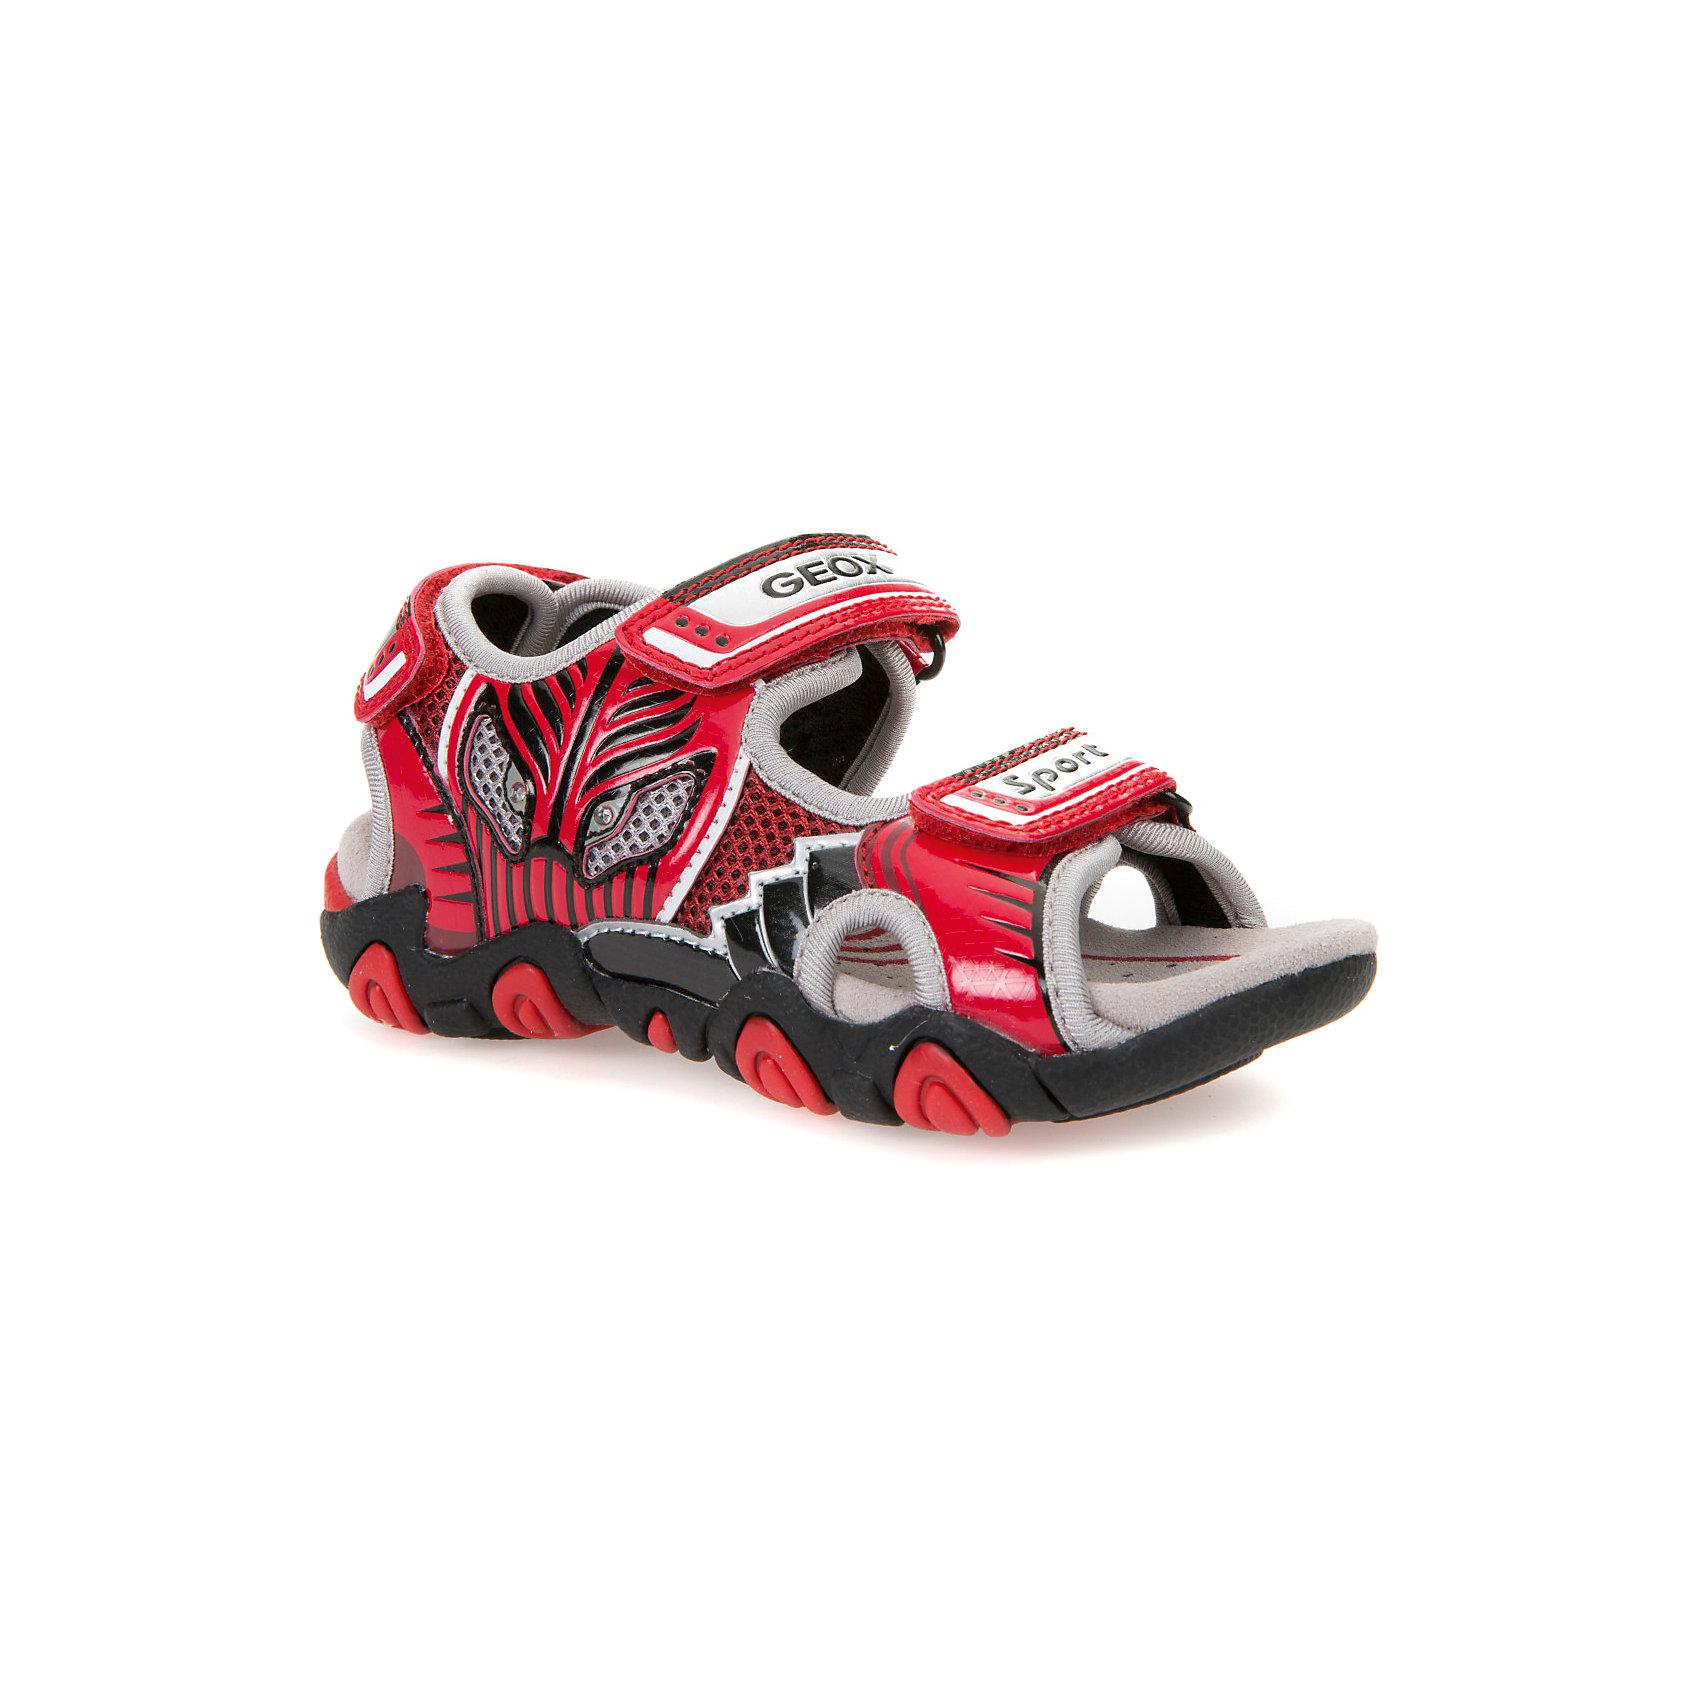 Сандалии для мальчика GEOXХарактеристики товара:<br><br>• цвет: красный<br>• внешний материал: искусственные материалы<br>• внутренний материал: синтетическая ткань, искусственные материалы<br>• стелька: натуральная замша<br>• подошва: резина<br>• высота подошвы: 2,5 см.<br>• застежка: липучка<br>• открытый носок<br>• спортивный стиль<br>• устойчивая подошва<br>• мембранная технология<br>• декорированы принтом<br>• коллекция: весна-лето 2017<br>• страна бренда: Италия<br><br>Легкие удобные сандали помогут обеспечить ребенку комфорт и дополнить наряд. Универсальный цвет позволяет надевать их под одежду разных расцветок. Сандали удобно сидят на ноге и стильно смотрятся. Отличный вариант для жаркой погоды!<br><br>Обувь от бренда GEOX - это классический пример итальянского стиля и высокого качества, известных по всему миру. Модели этой марки - неизменно модные и комфортные. Для их производства используются только безопасные, качественные материалы и фурнитура. Отличие этой линейки обуви - мембранная технология, которая обеспечивает естественное дыхание обуви и в то же время не пропускает воду. Это особенно важно для детской обуви!<br><br>Сандали от итальянского бренда GEOX (ГЕОКС) можно купить в нашем интернет-магазине.<br><br>Ширина мм: 262<br>Глубина мм: 176<br>Высота мм: 97<br>Вес г: 427<br>Цвет: красный<br>Возраст от месяцев: 108<br>Возраст до месяцев: 120<br>Пол: Мужской<br>Возраст: Детский<br>Размер: 33,28,29,30,31,32<br>SKU: 5334497